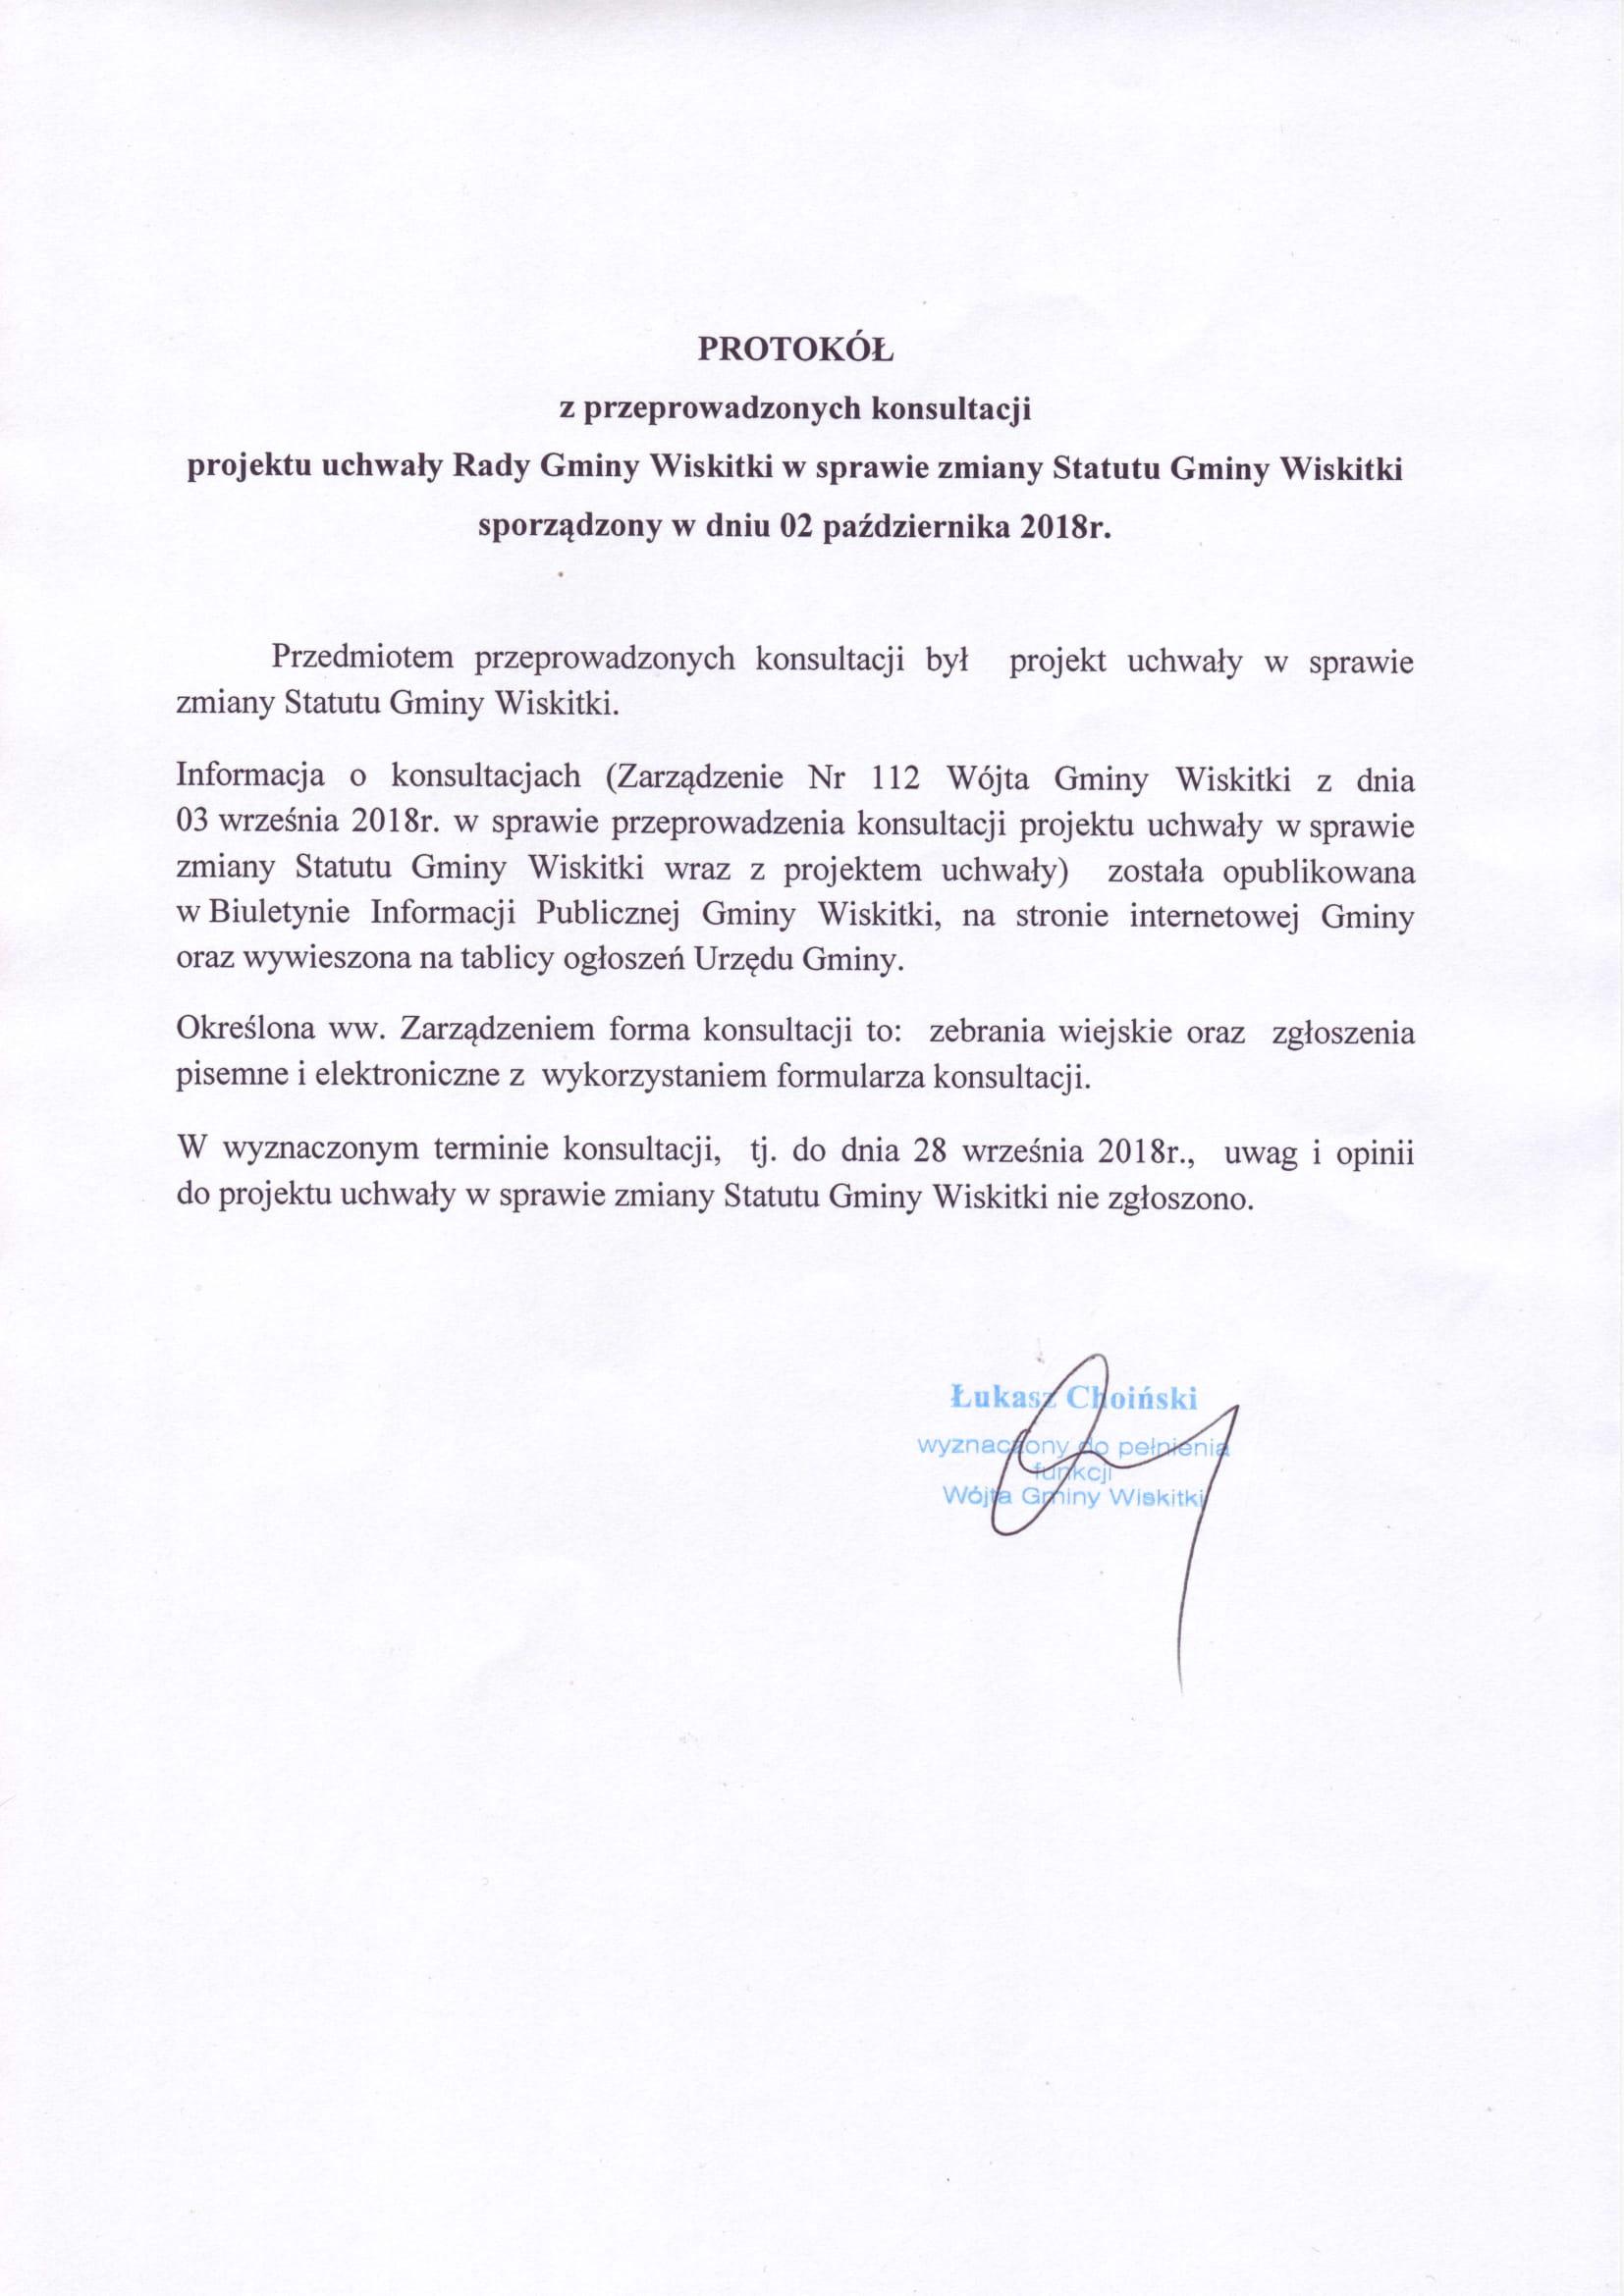 Prot. z konsultacji-1